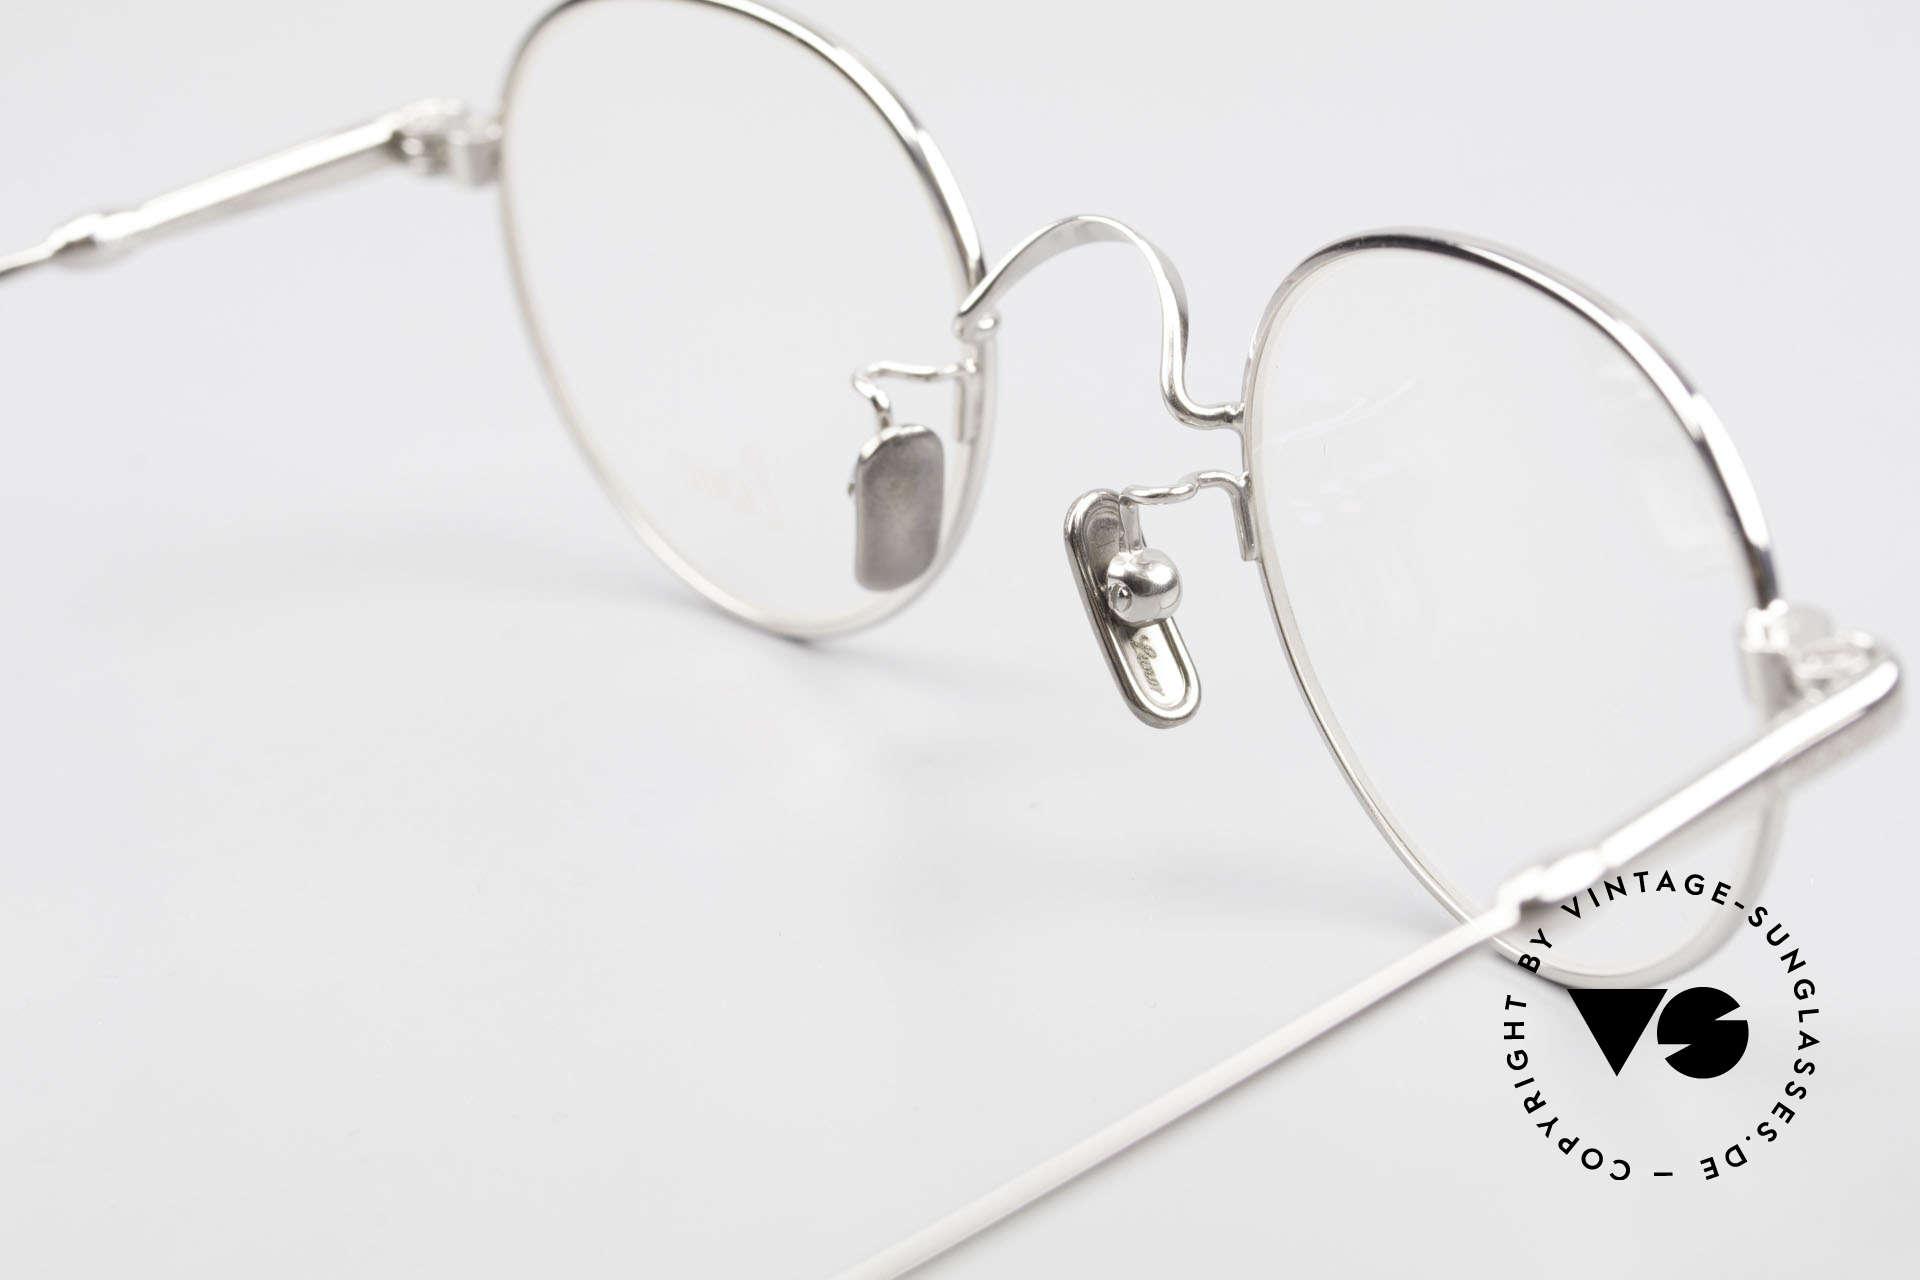 Lunor V 107 Pantobrille Herren Titanium, natürlich ungetragen und mit den Titan-Nasenpads, Passend für Herren